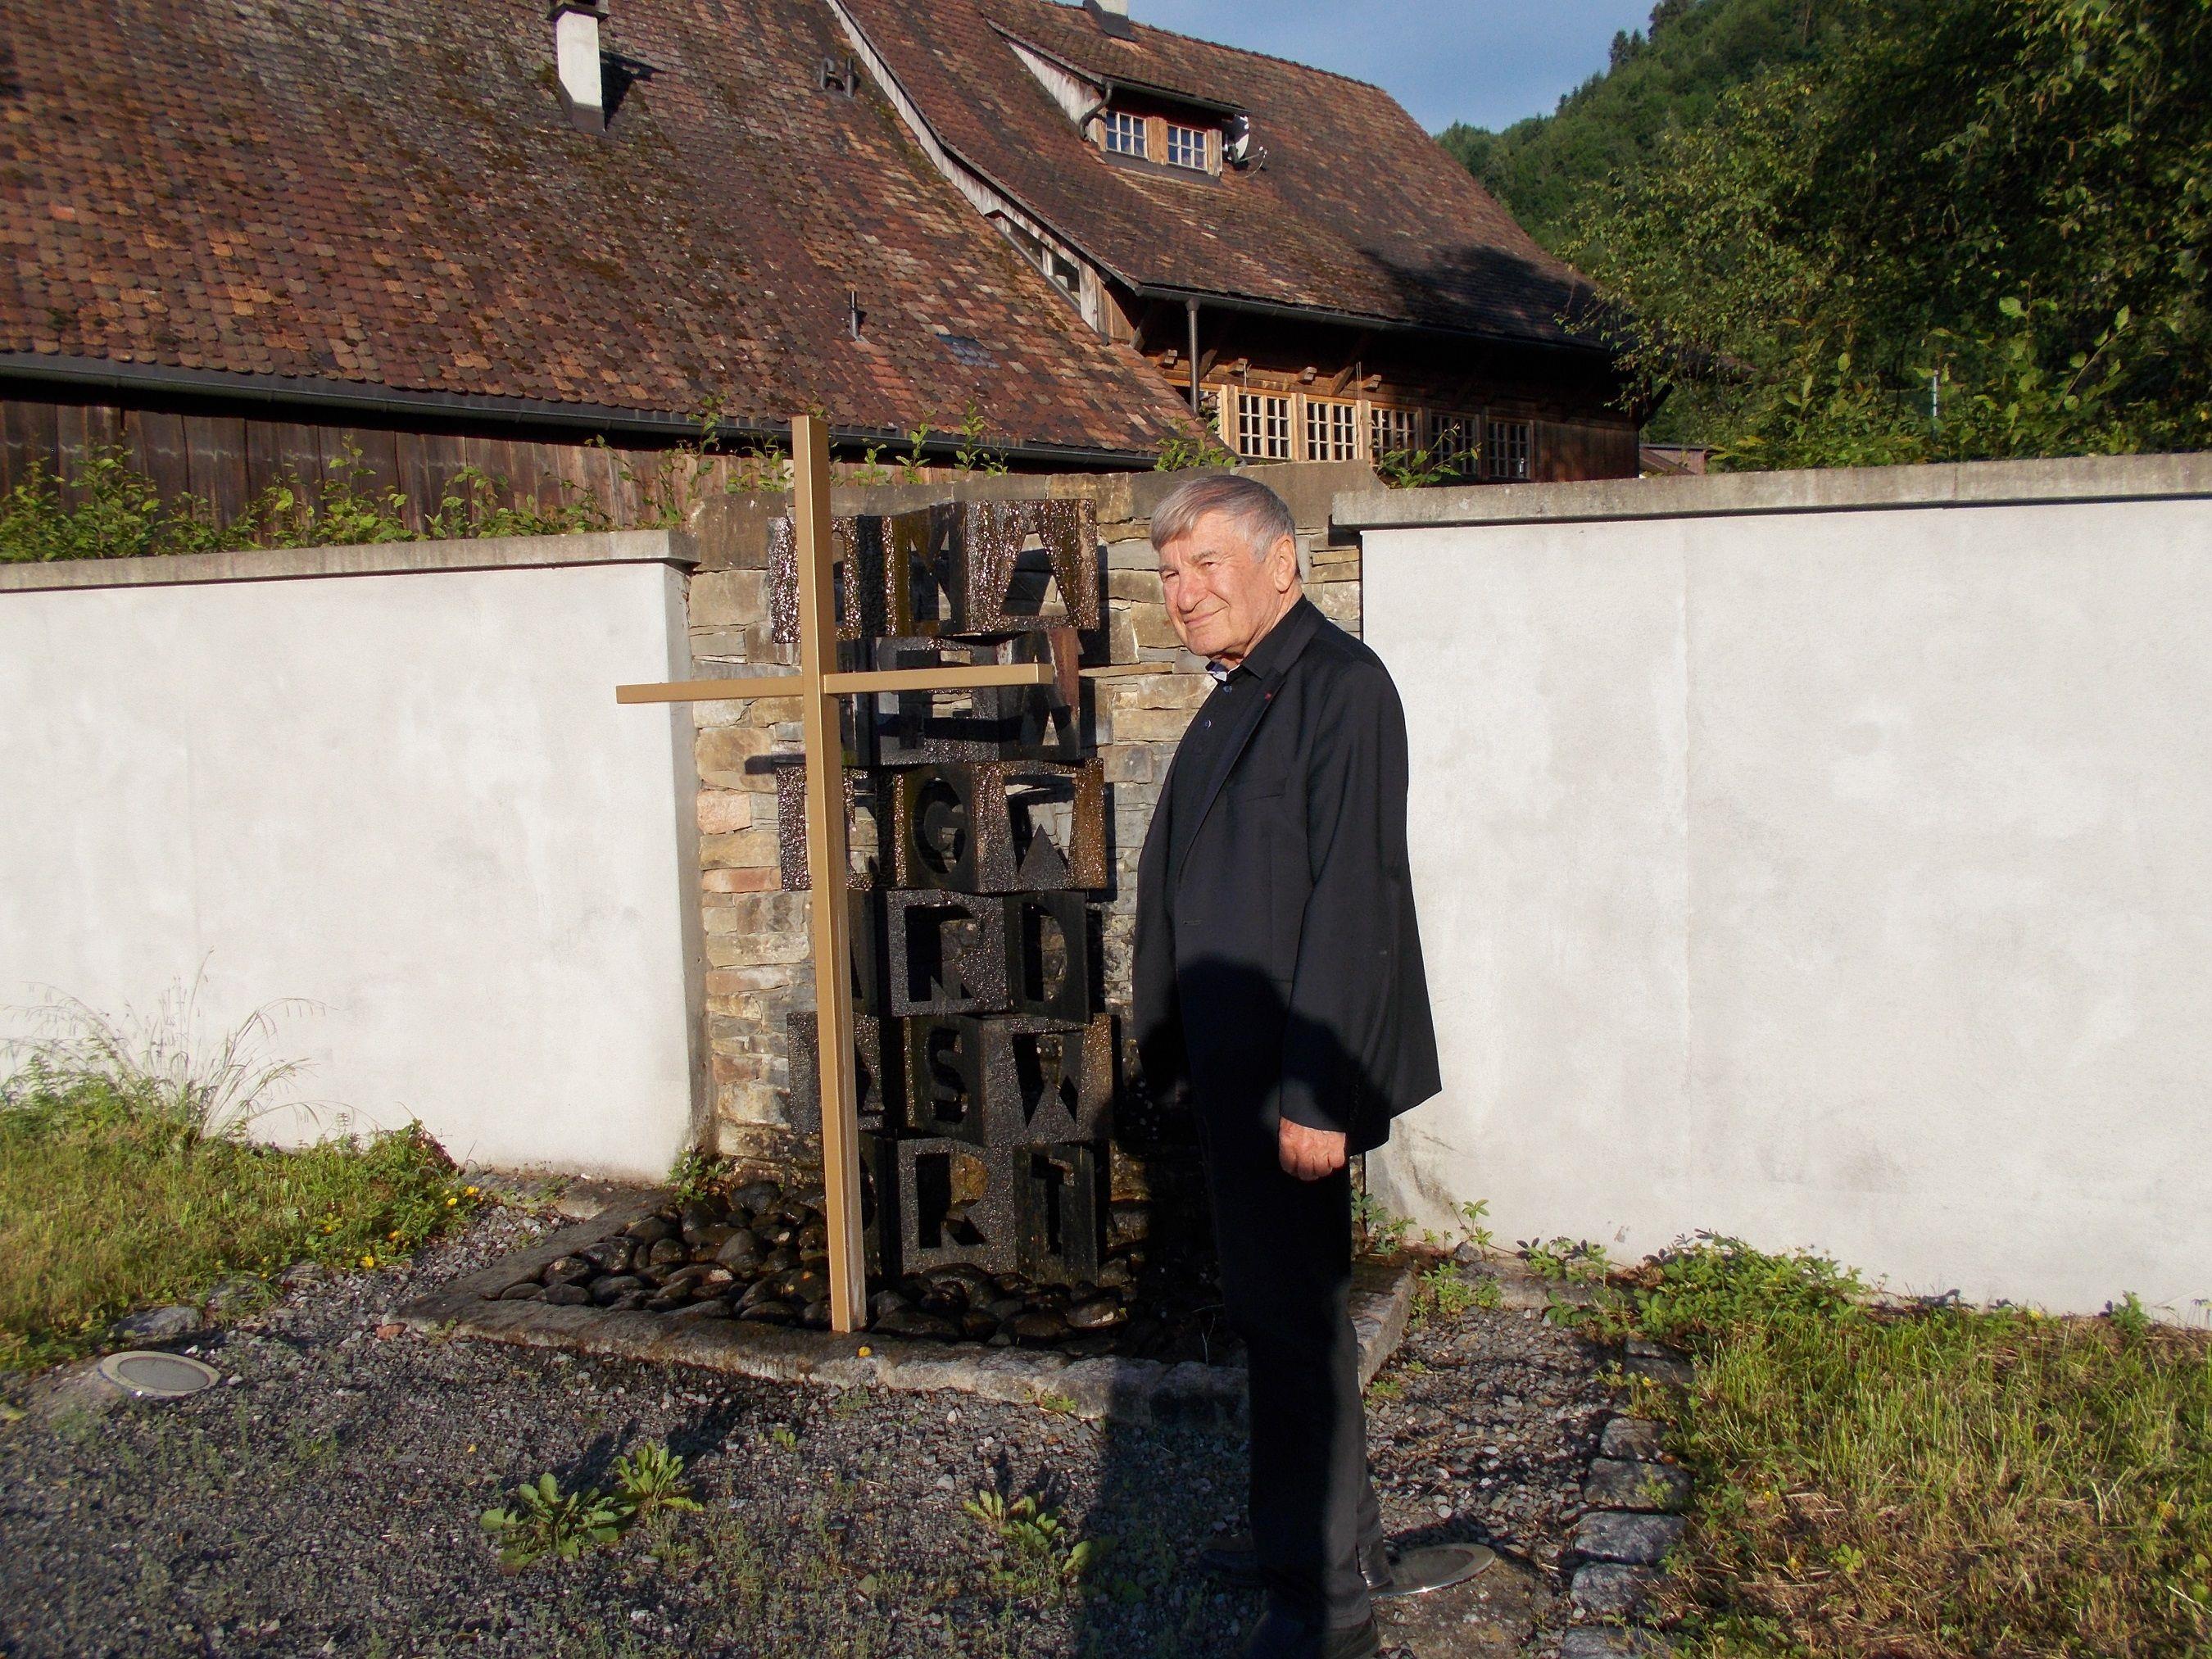 Kenntnisreich führte Prof. Gerhard Winkler durch die Pfarr-und Wallfahrtskirche in Haselstauden